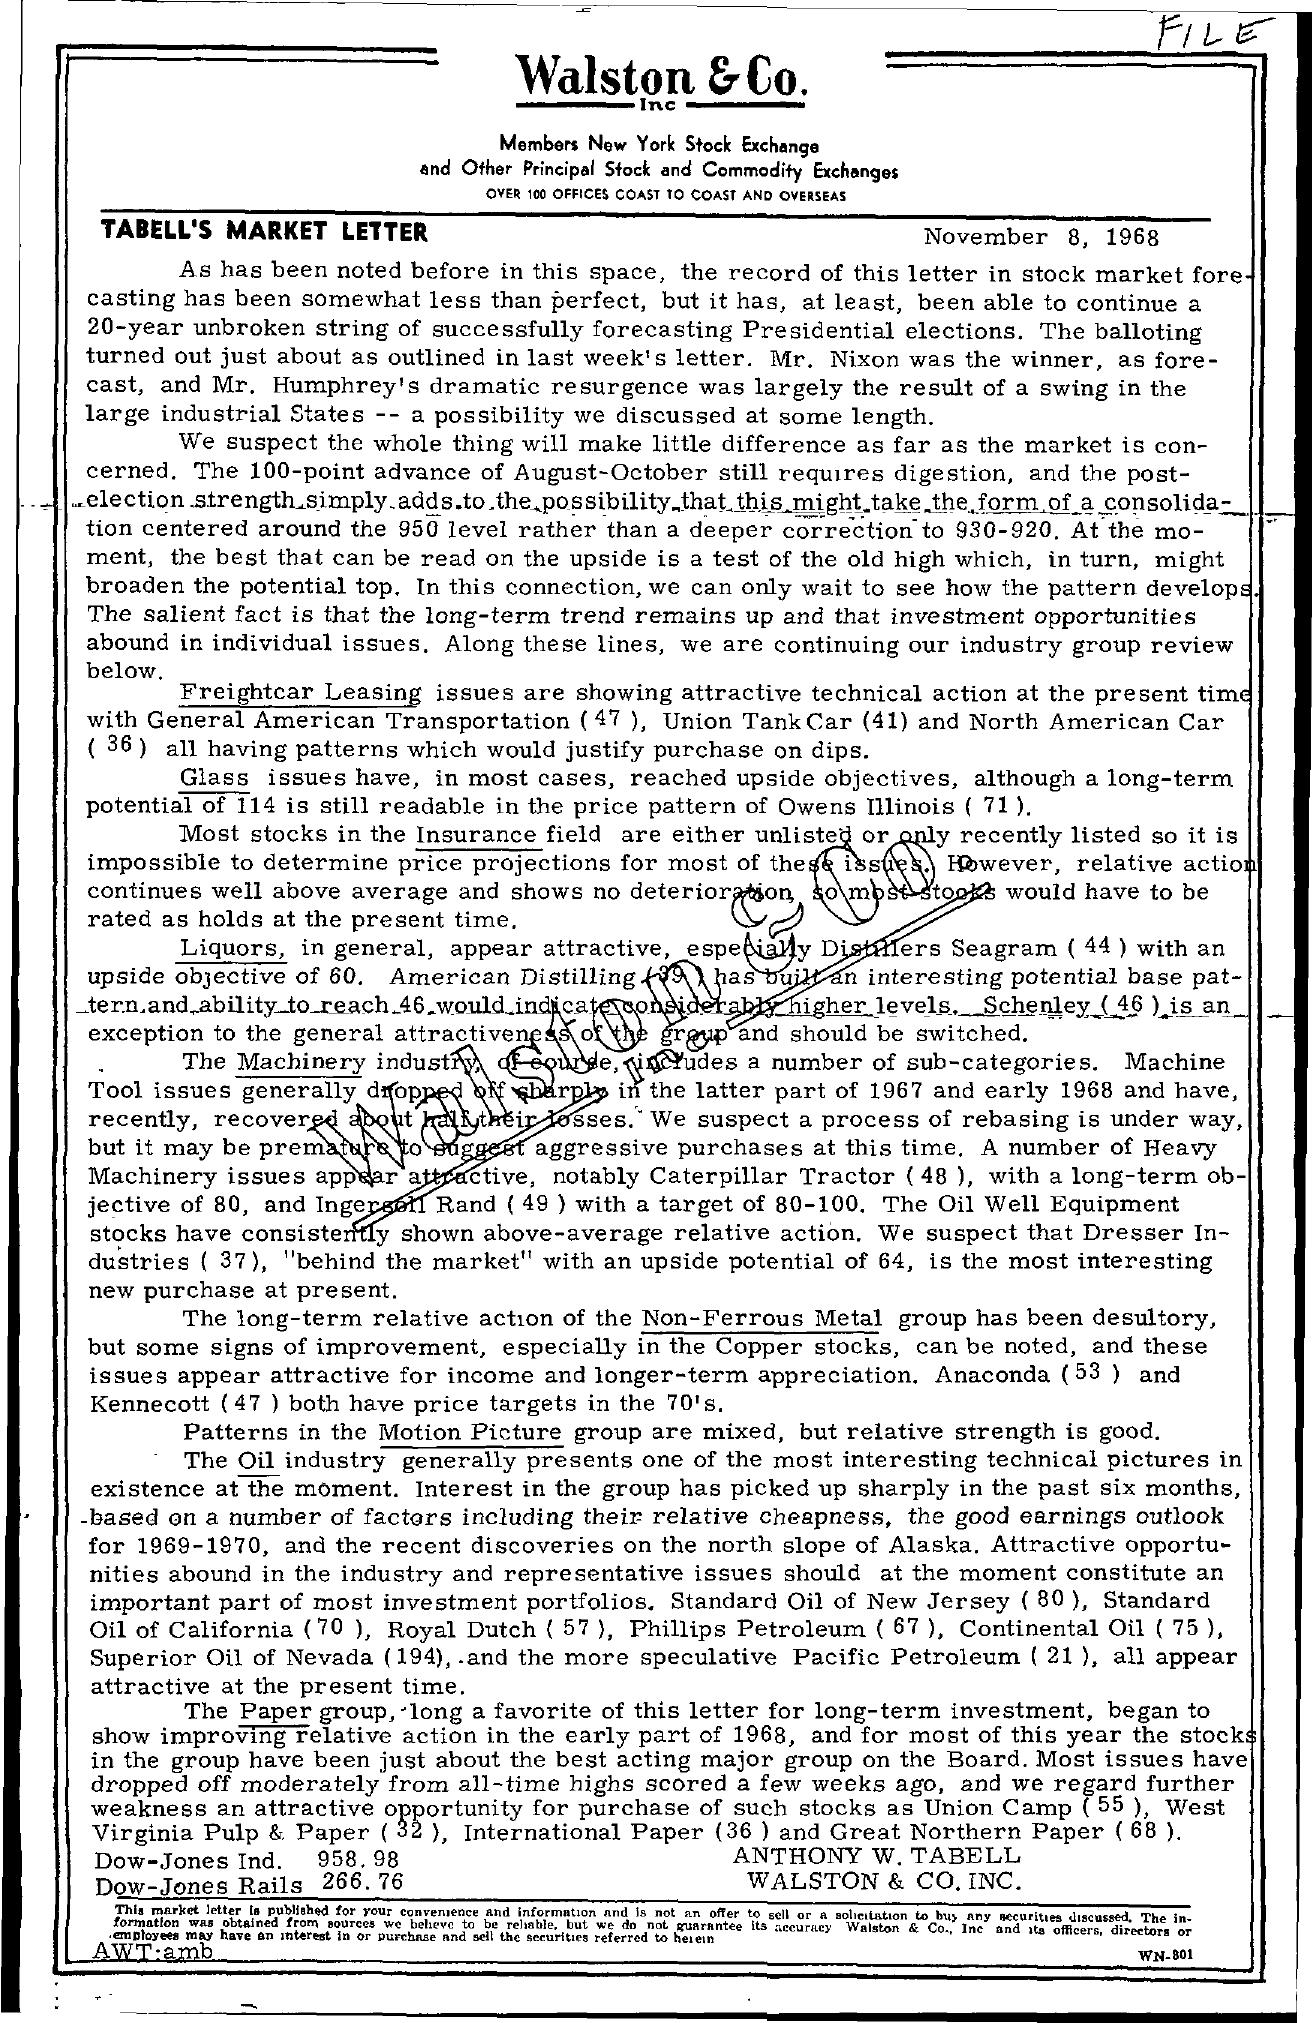 Tabell's Market Letter - November 08, 1968